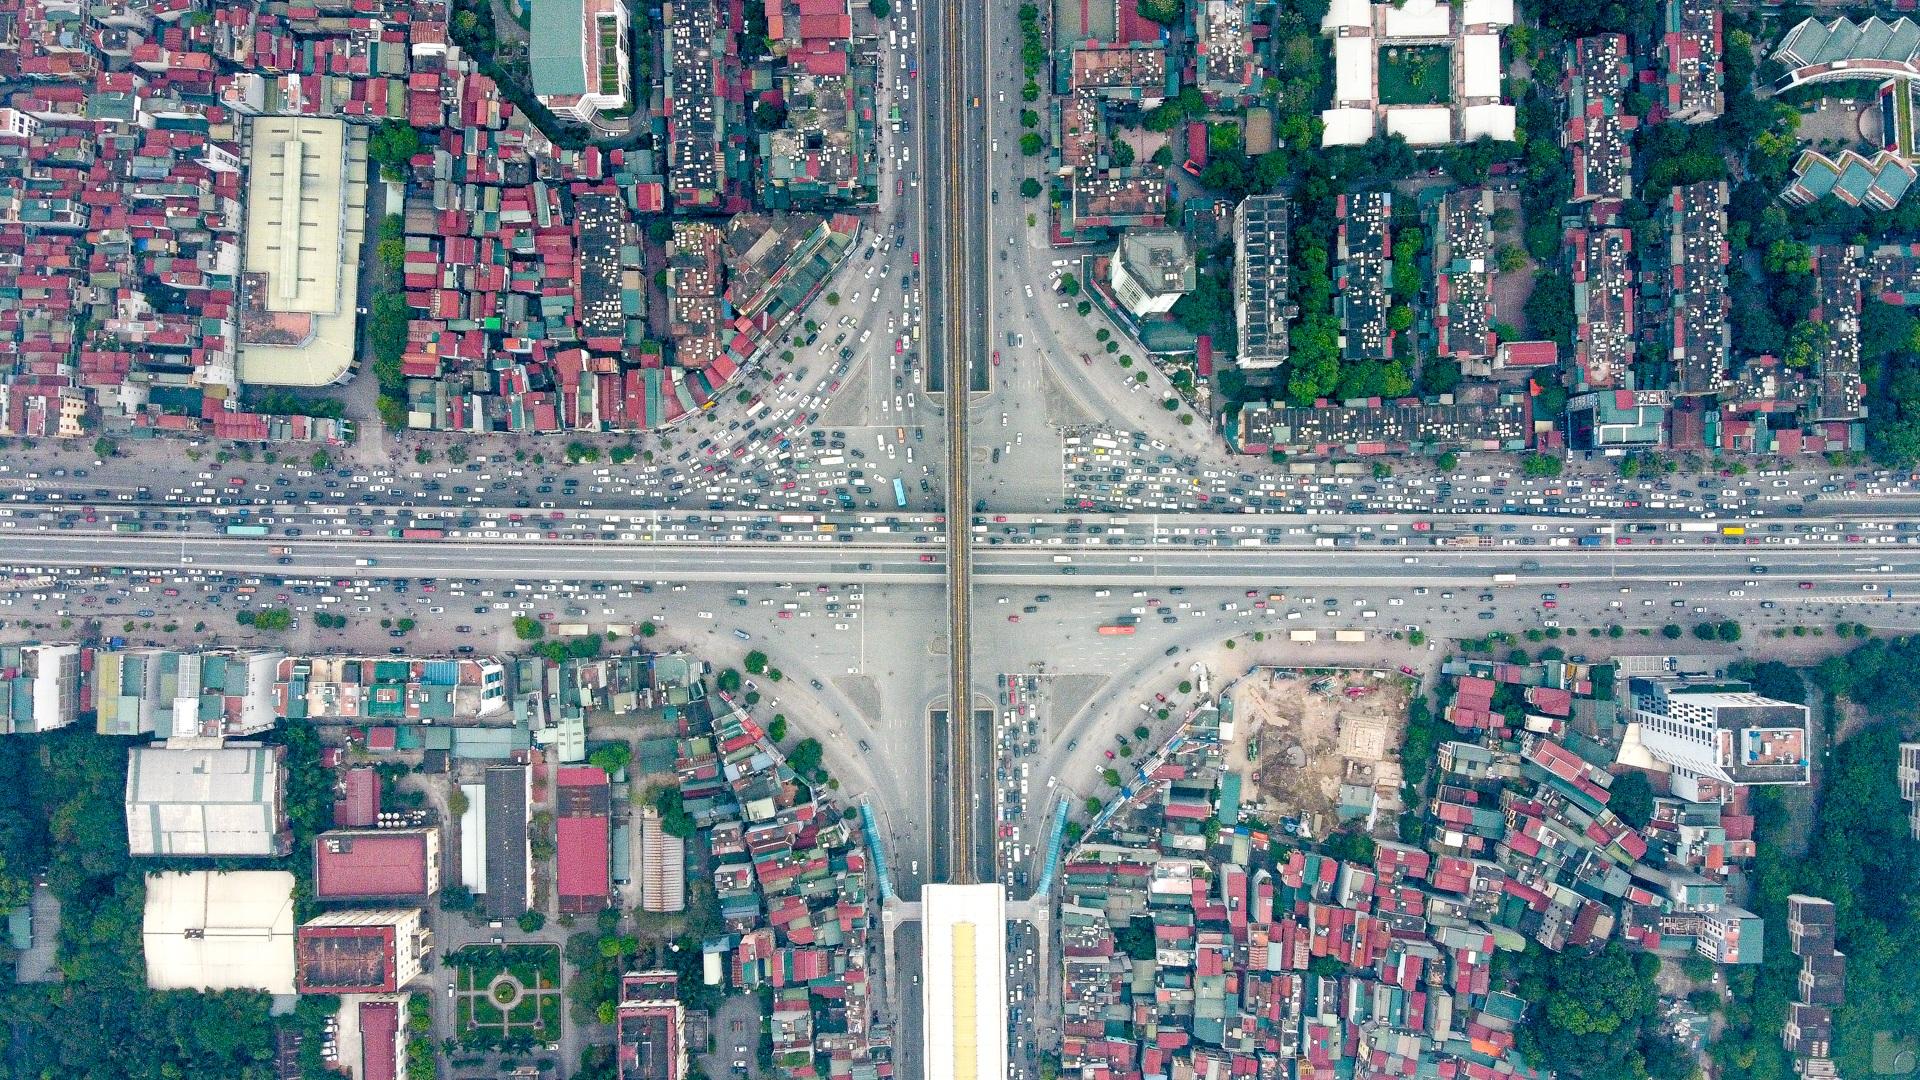 Hà Nội: Hình ảnh ô tô không lối thoát tại đường vành đai 3 trên cao - 1